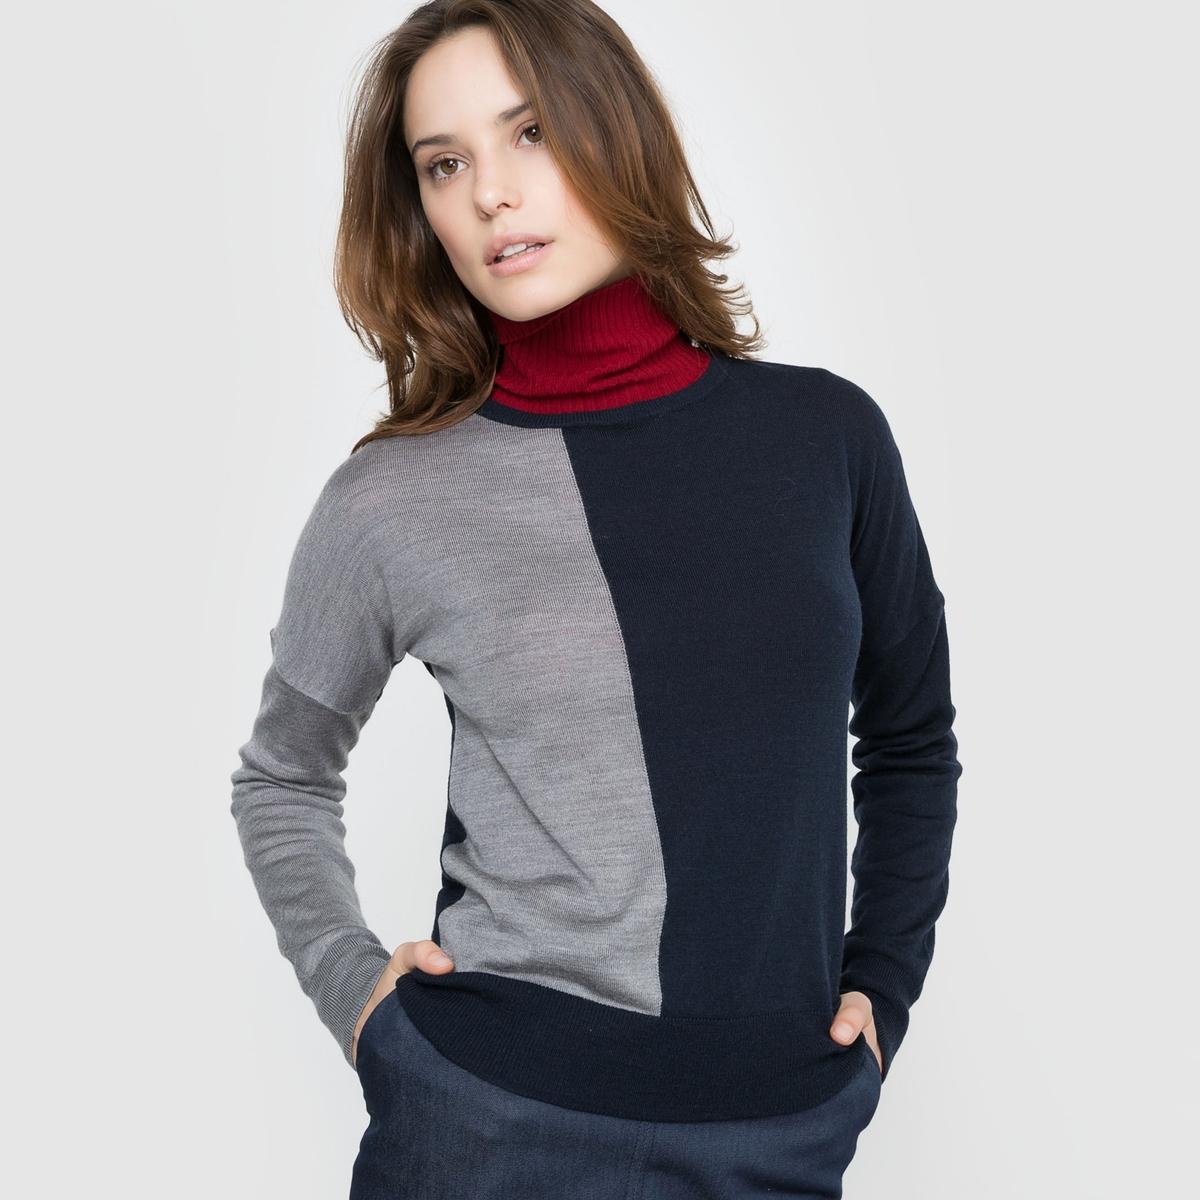 atelier R Пуловер двухцветный из 100% шерсти мериноса